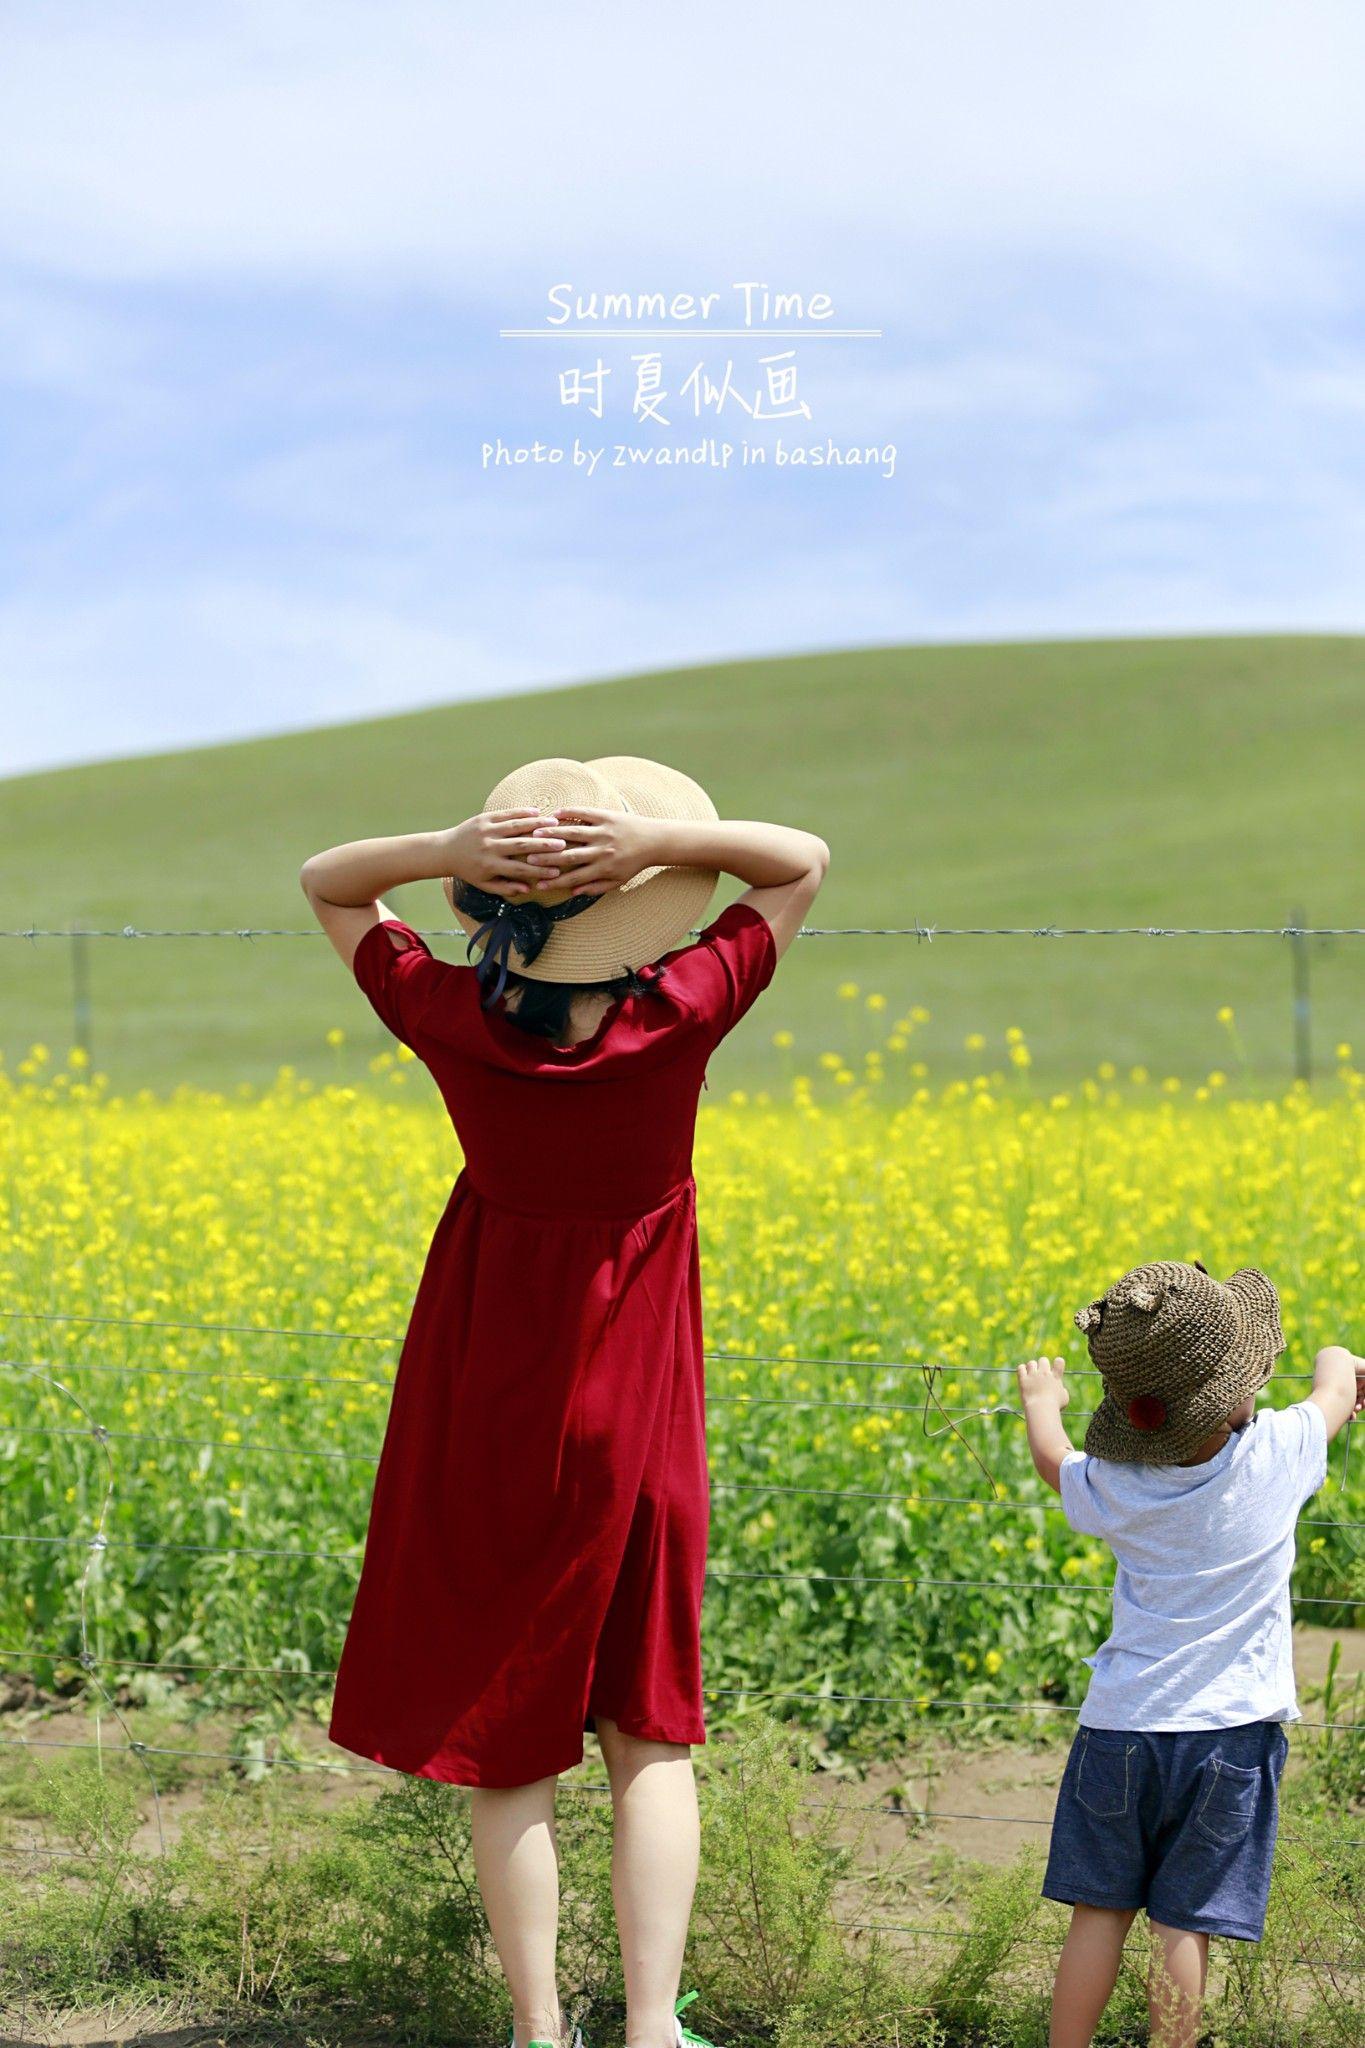 丰宁坝上,时夏似画,教你如何在农家院周边打发时间